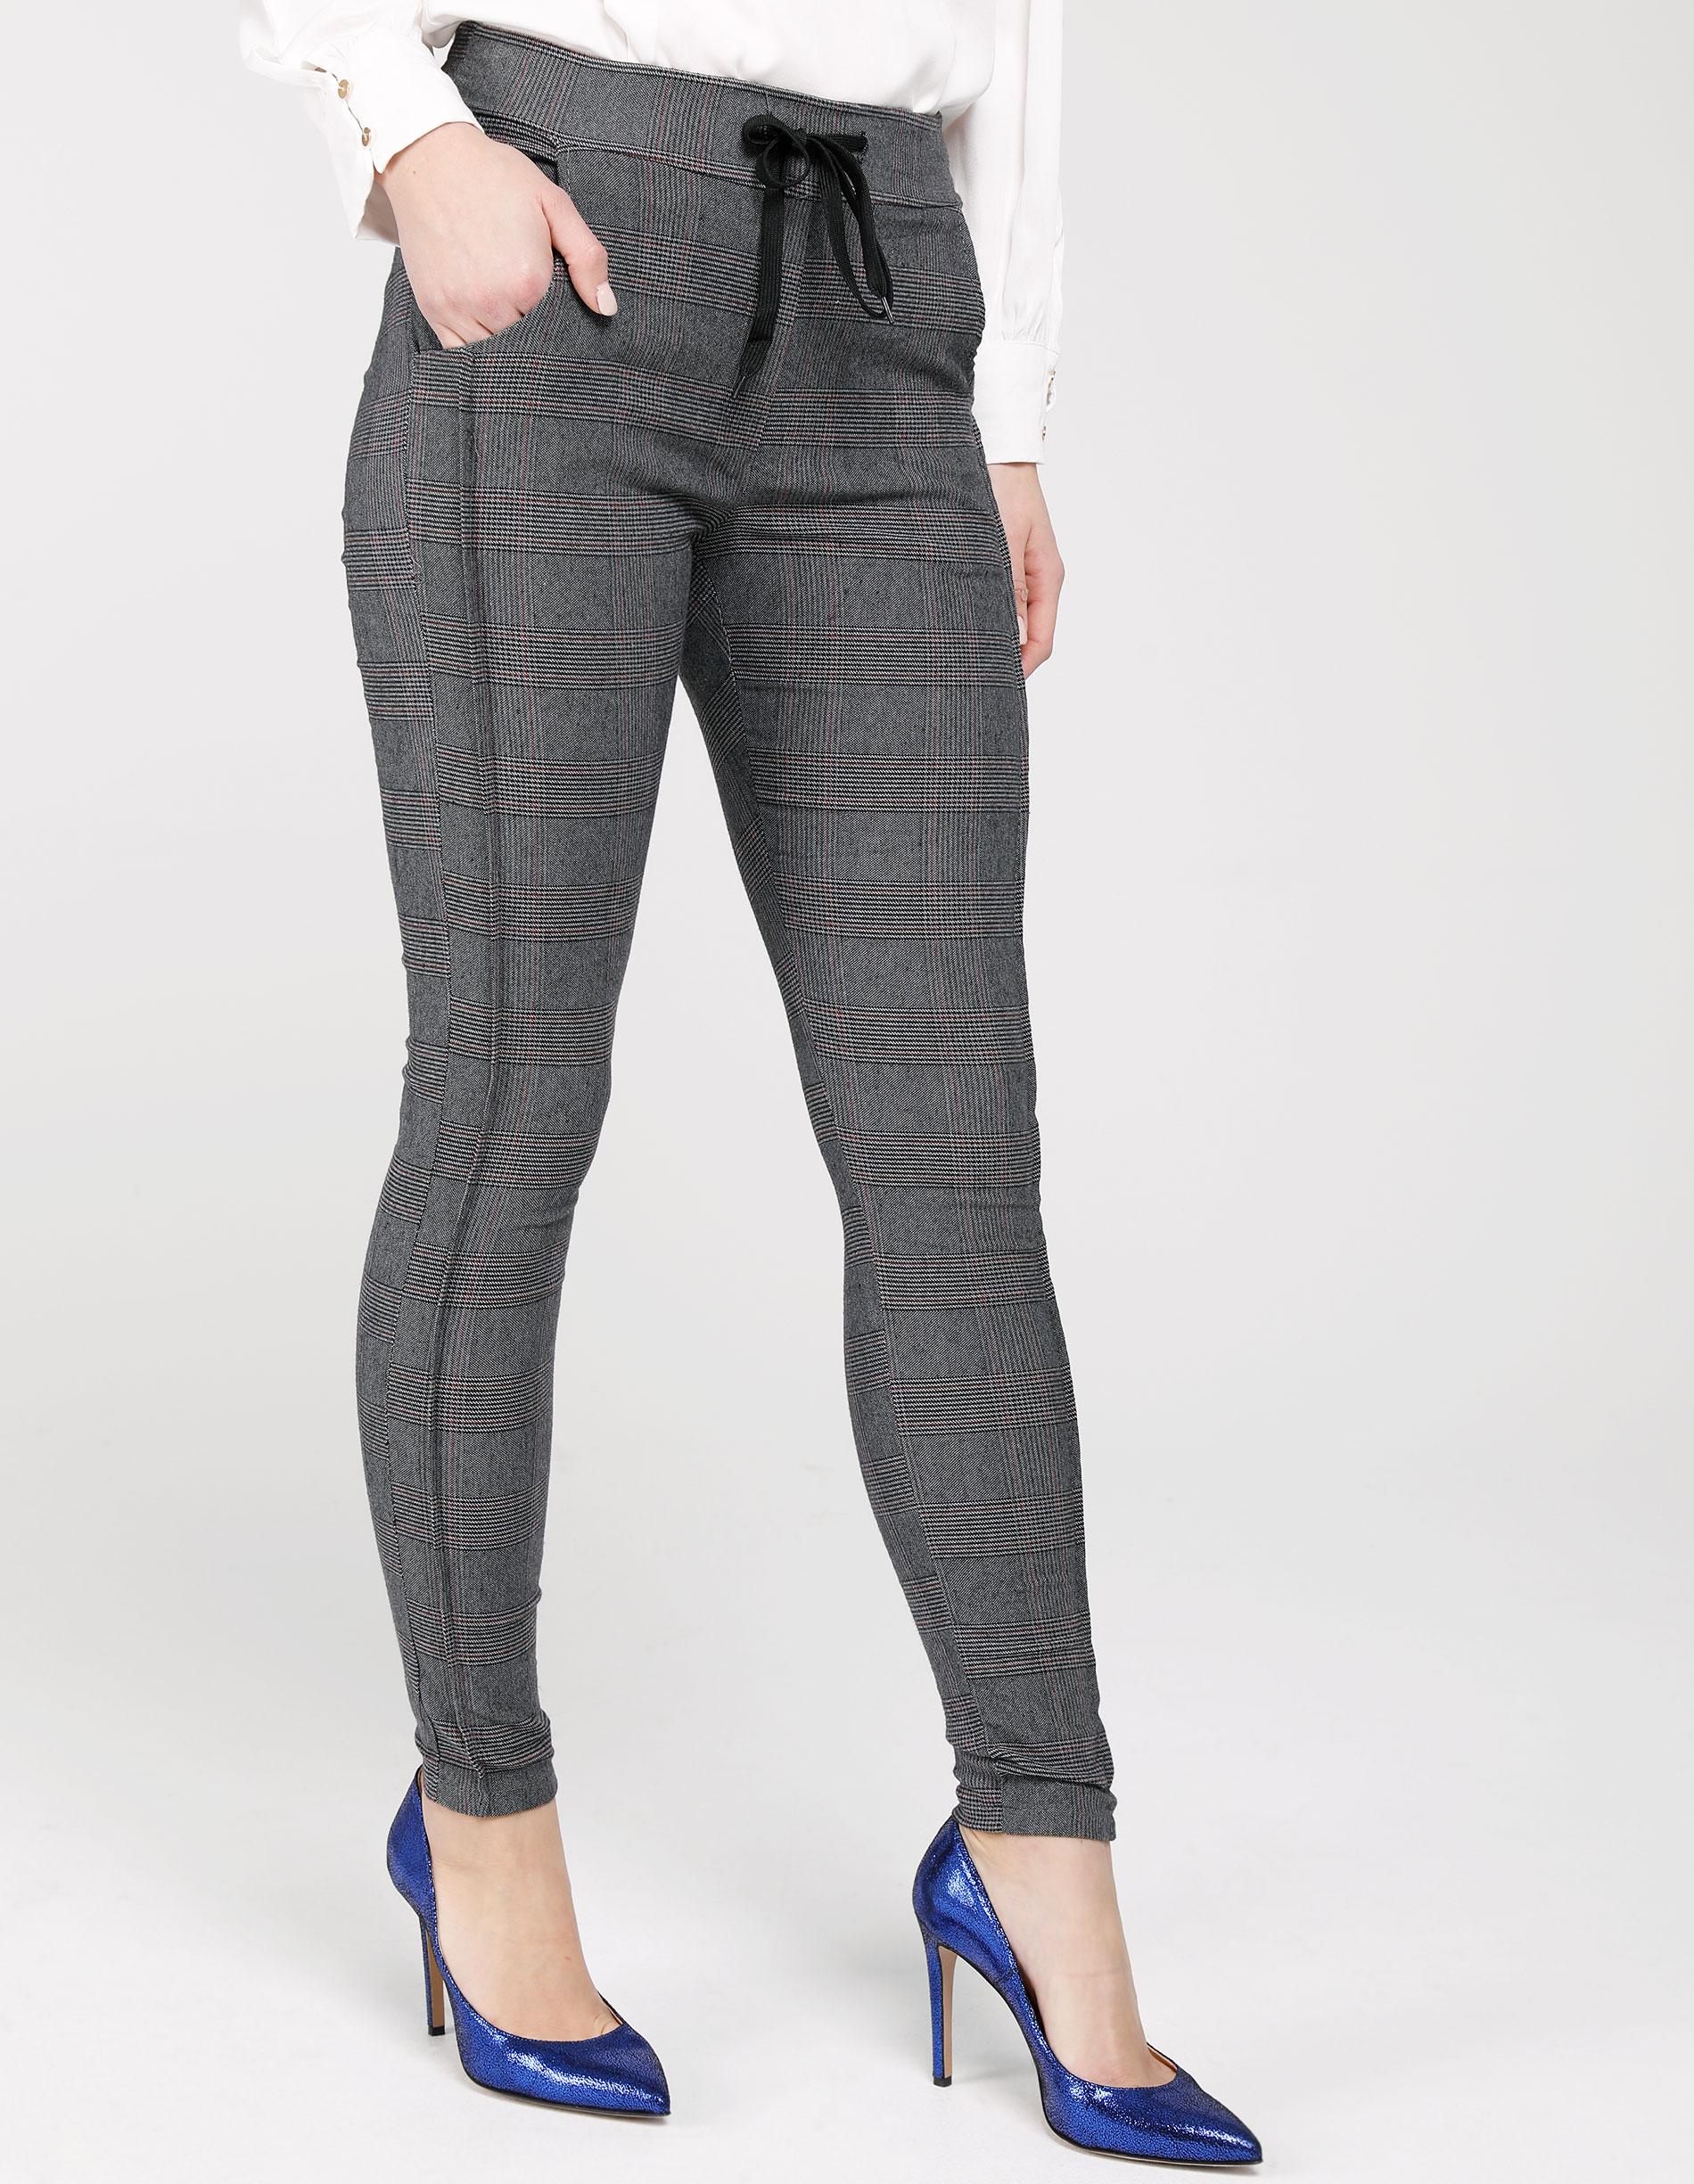 Spodnie - 141-1841B GRS - Unisono